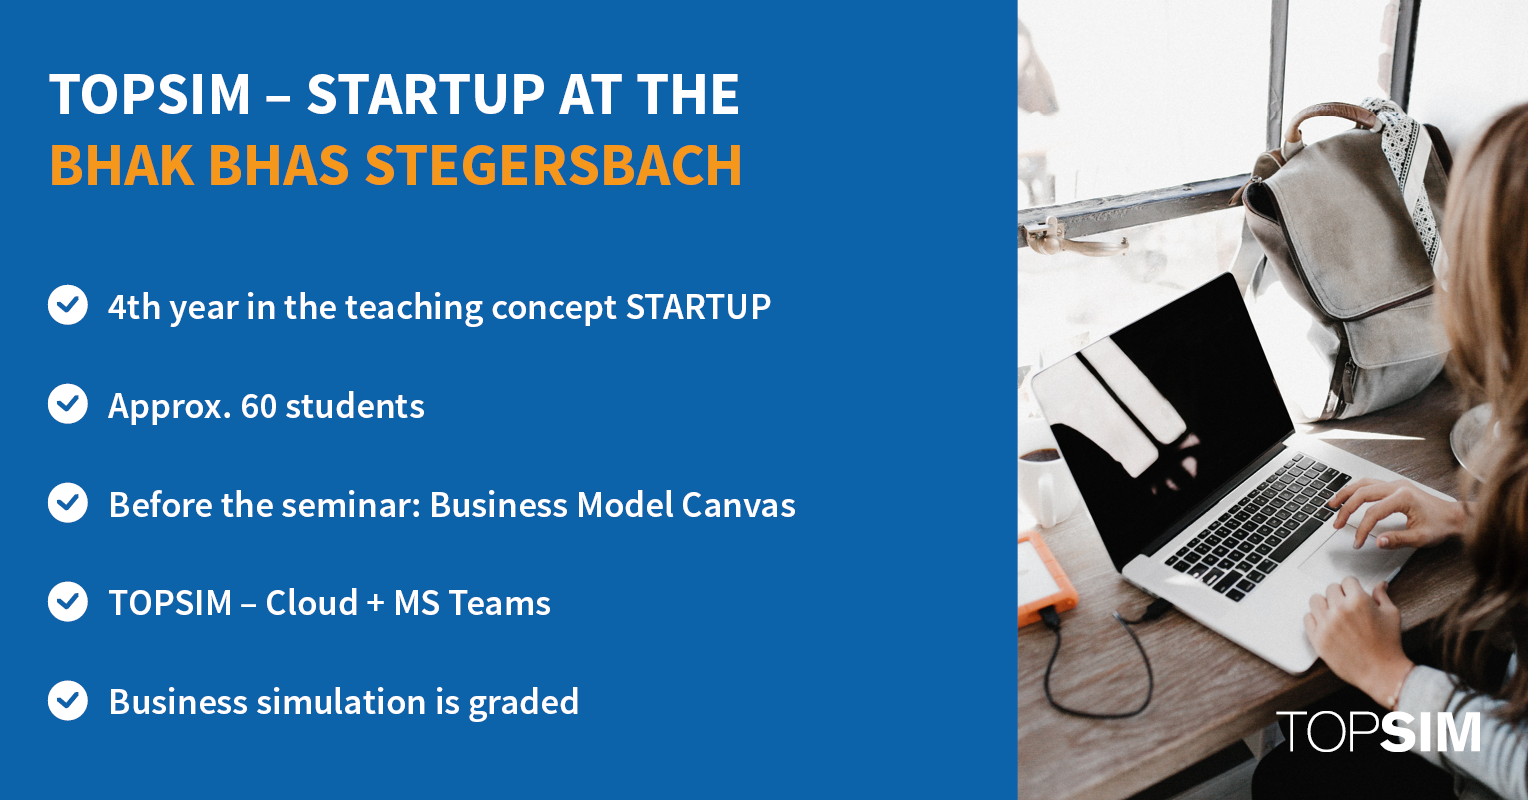 Info graphic Startup BHAK BHAS Stegersbach